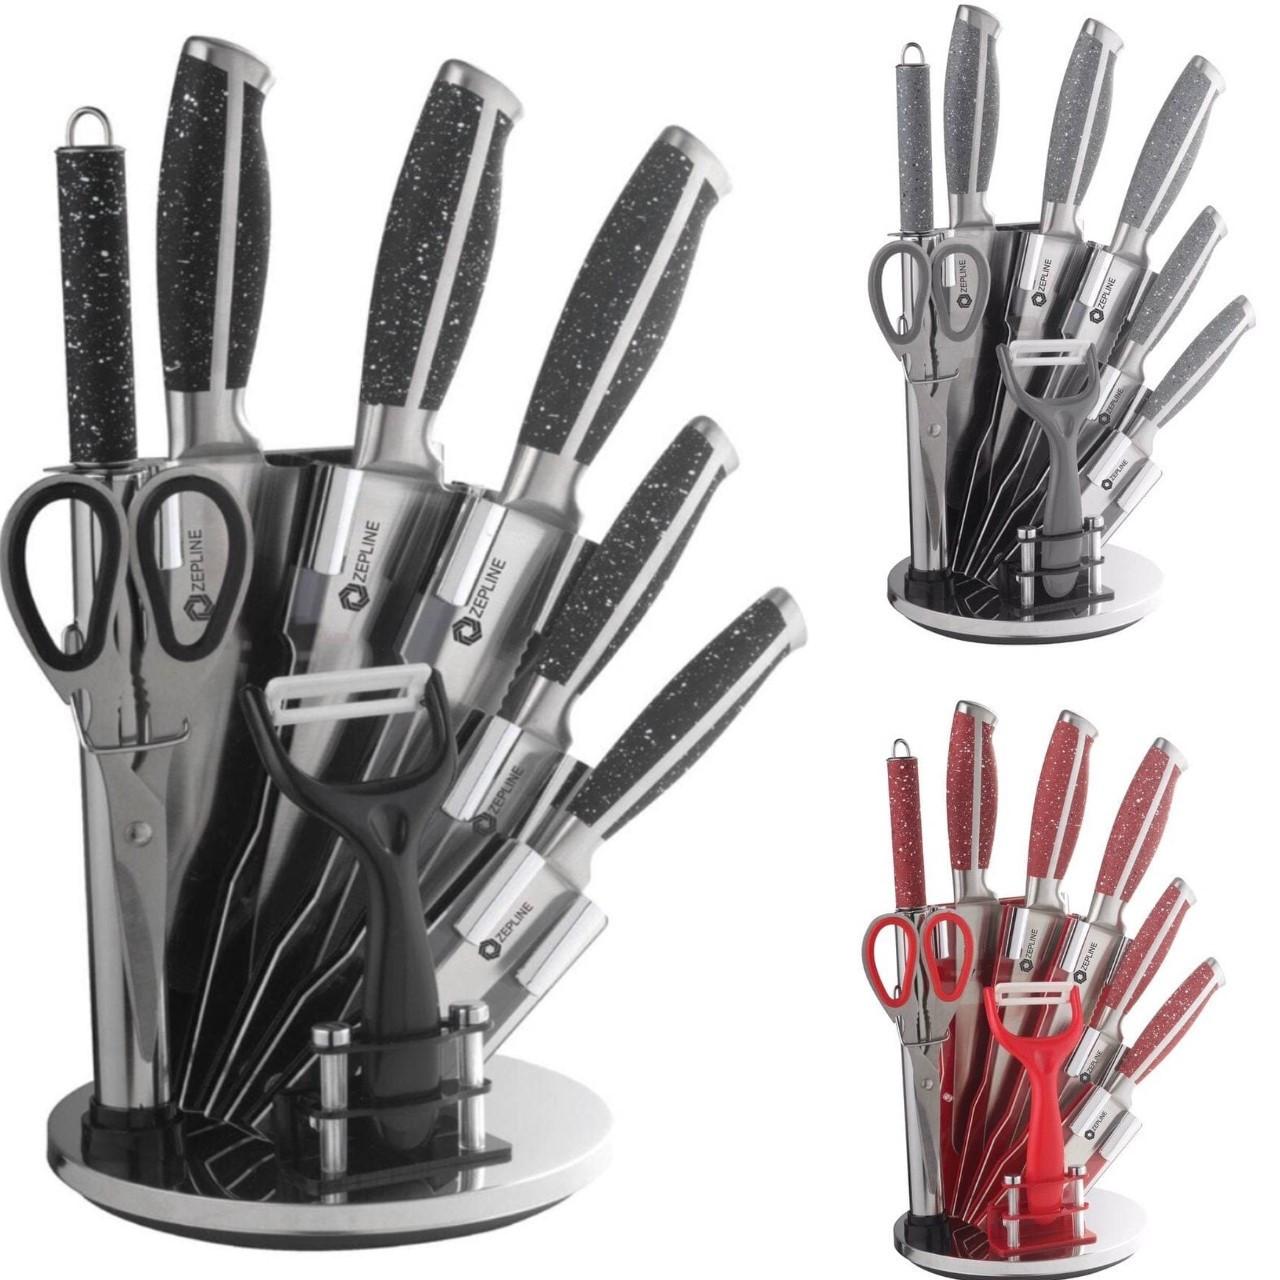 Профессиональный набор ножей Zepline ZP-027 с подставкой